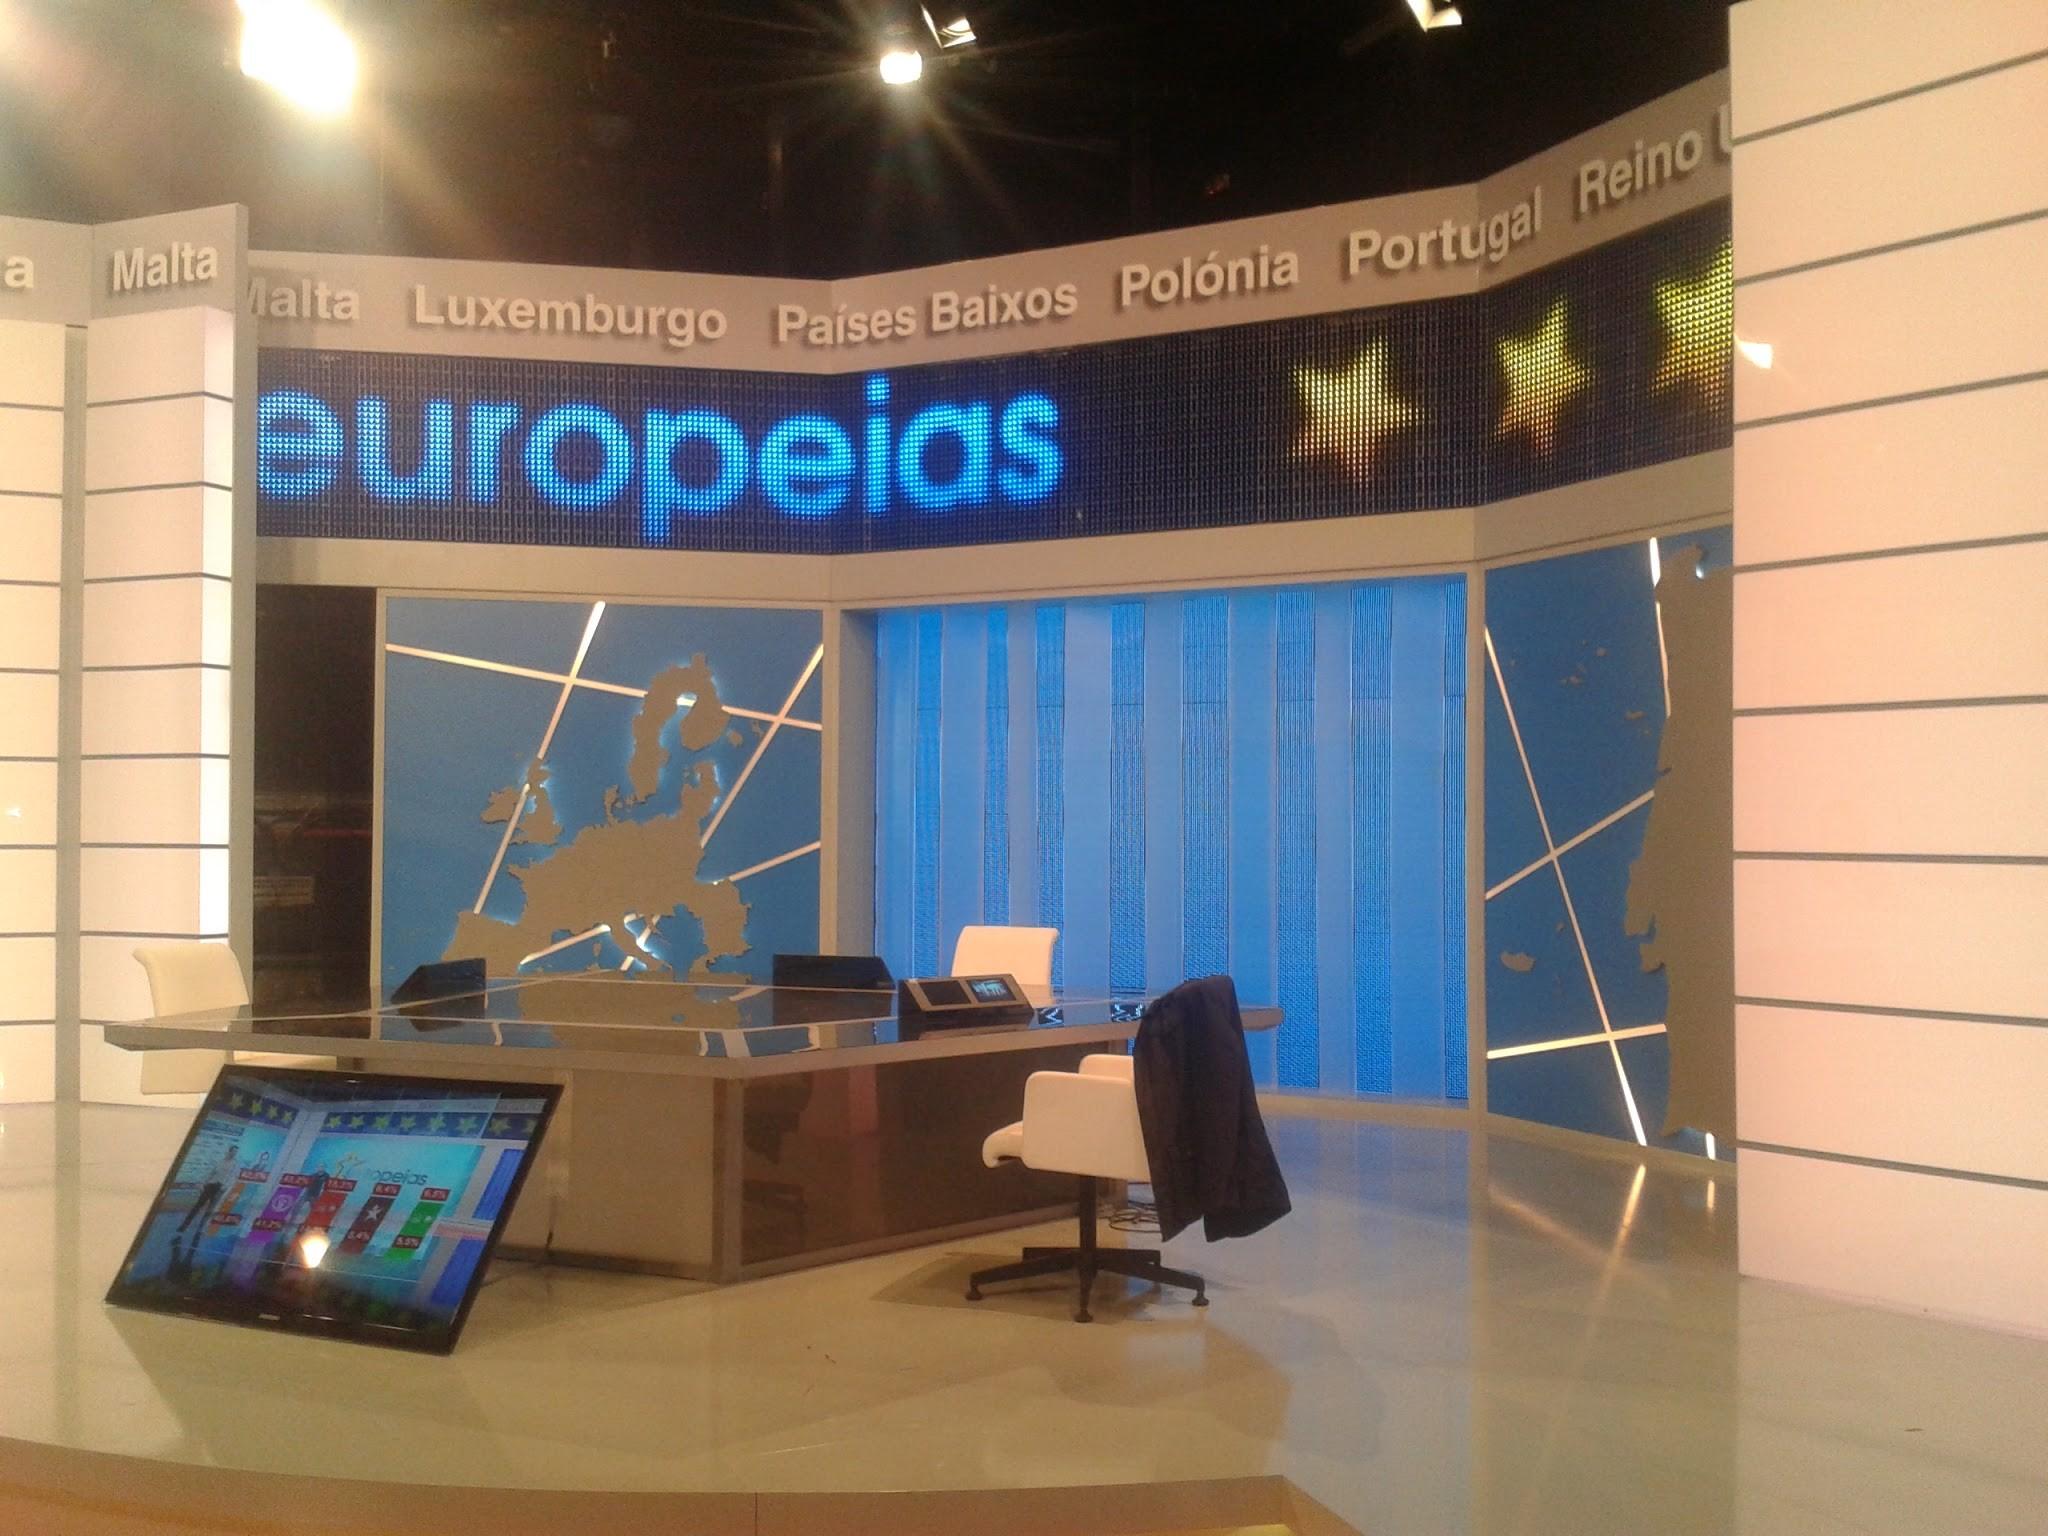 Cenário 9 Eleições Europeias RTP1